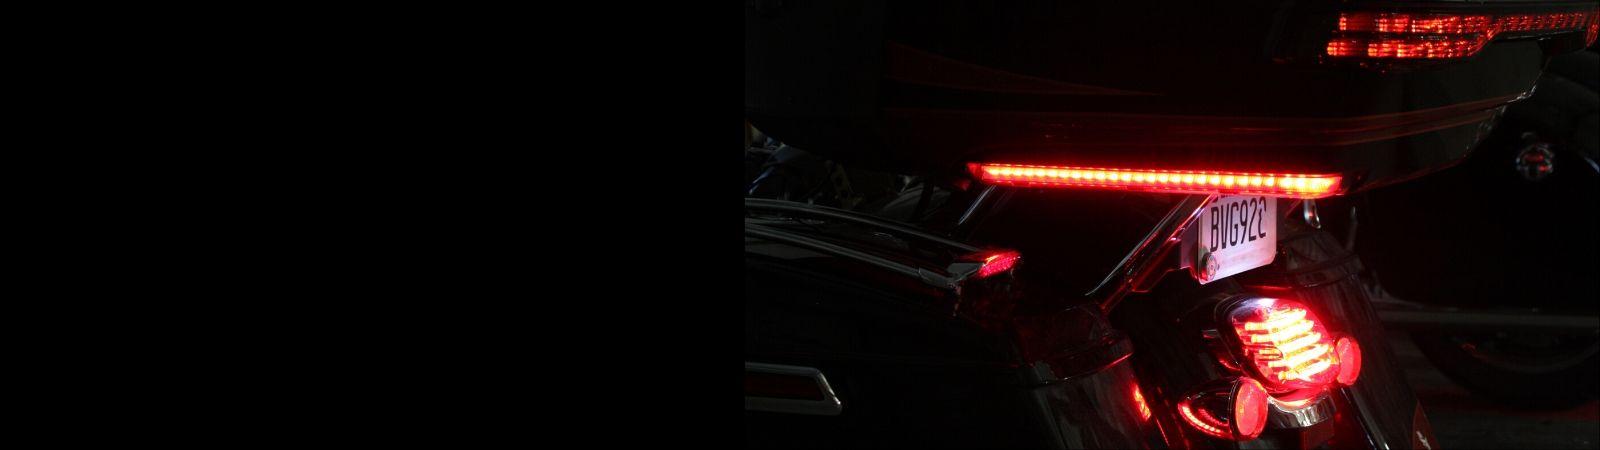 Motorcycle Tour Pak LED Lighting